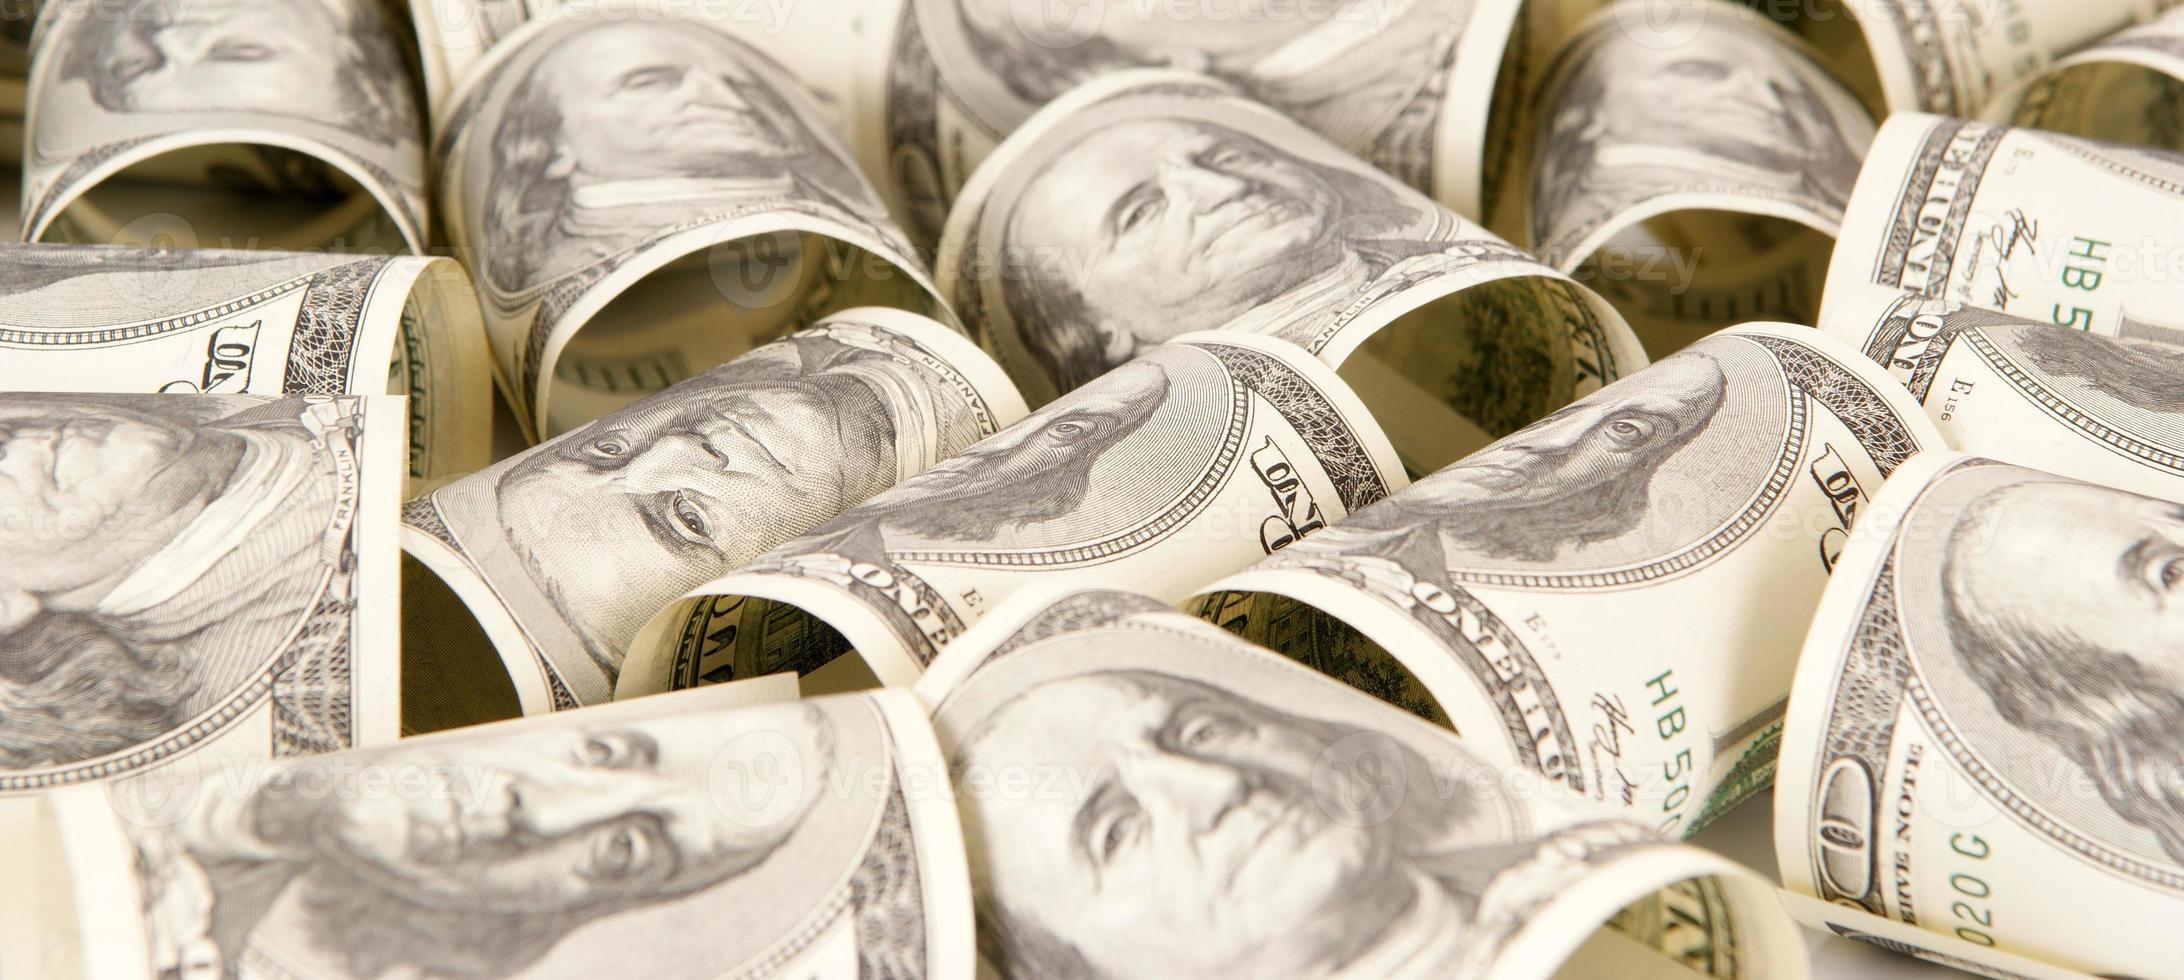 Hundred dollar bills money pile photo